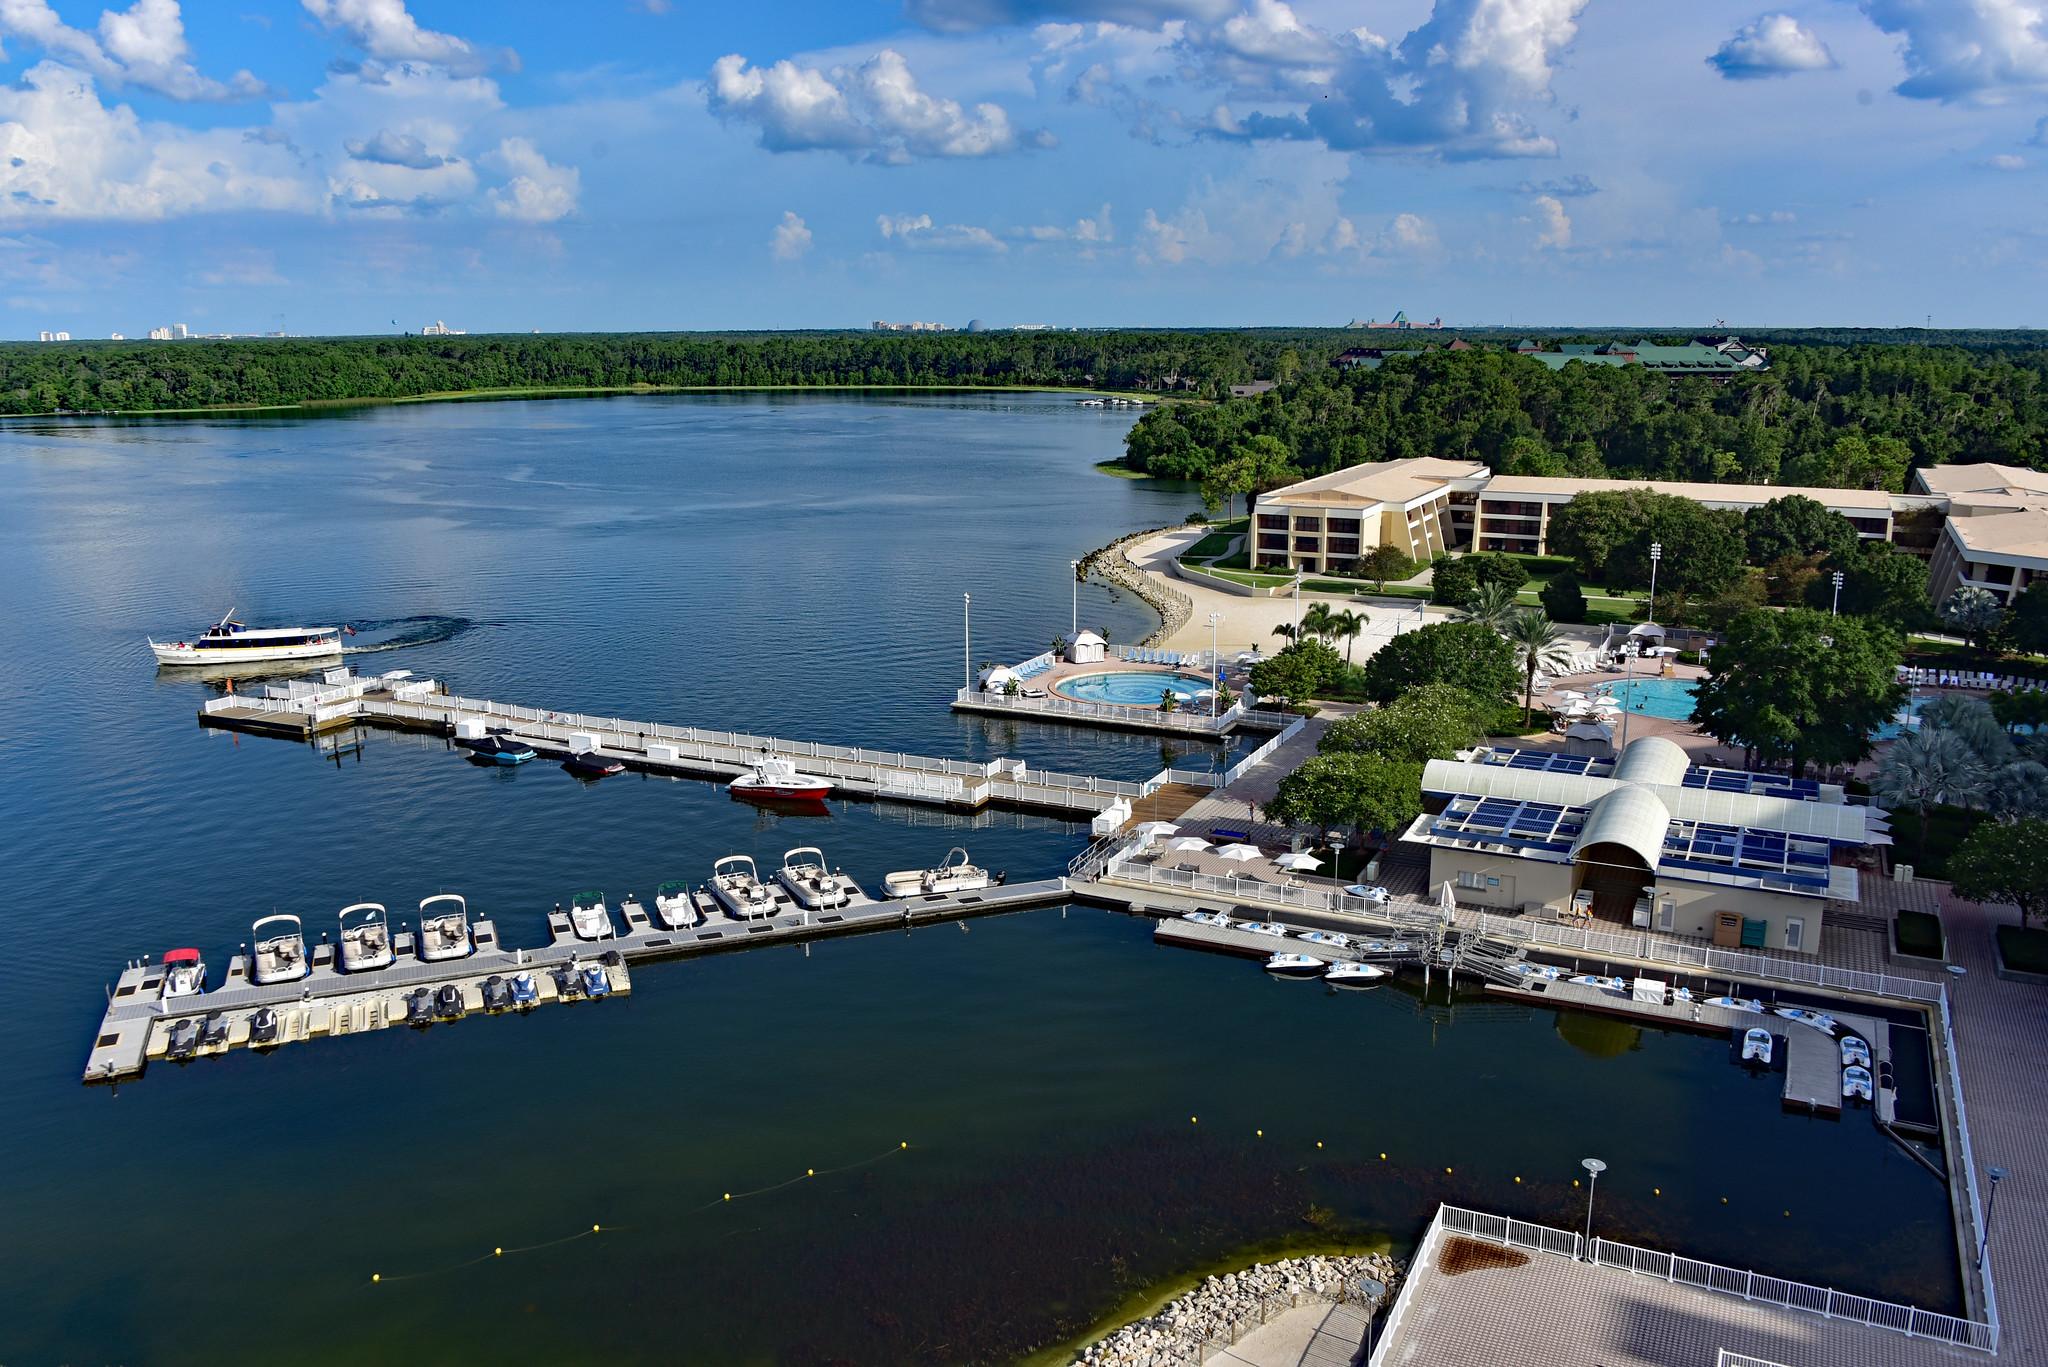 DVC Bay Lake Tower Marina